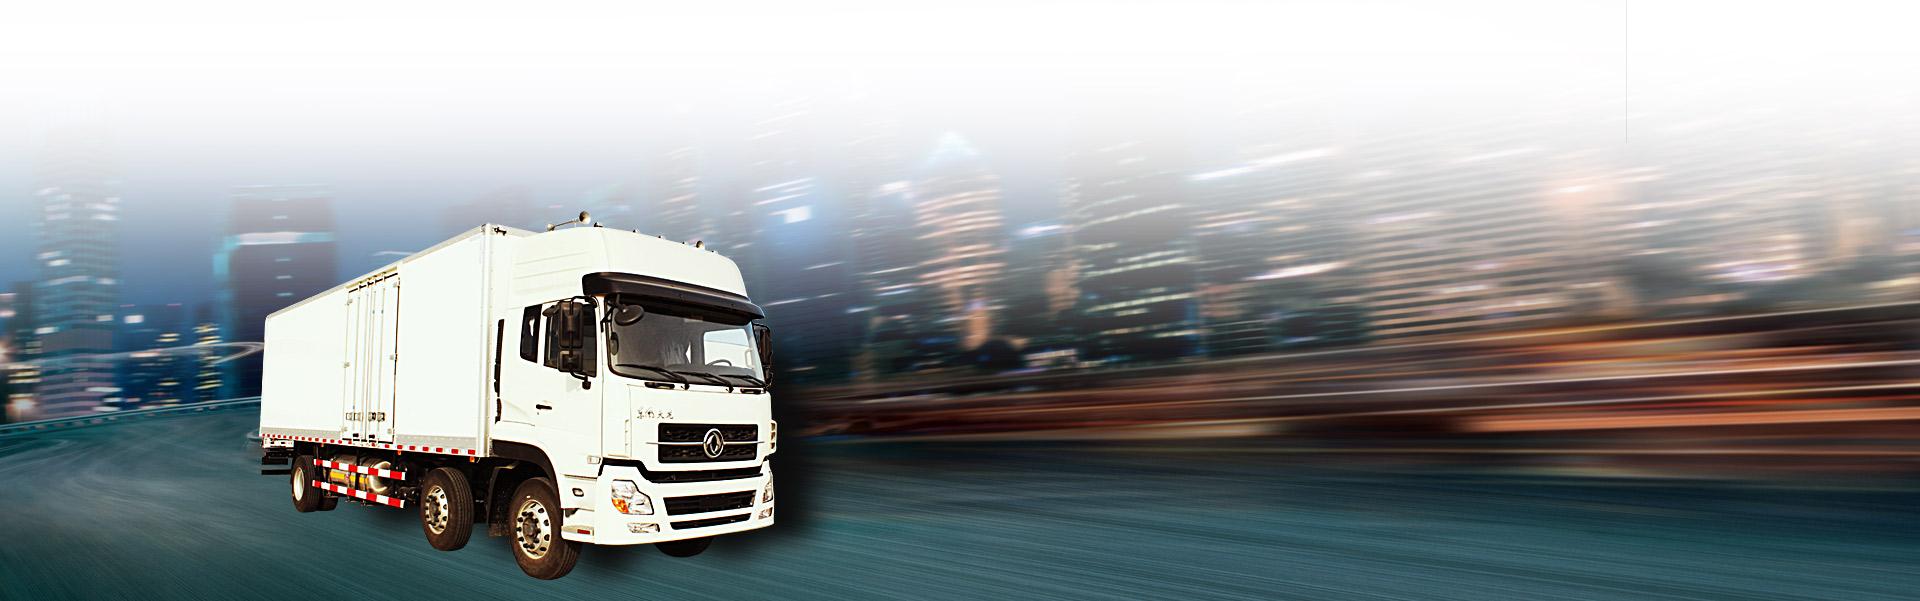 安全货运-货车3g车载视频监控解决方案